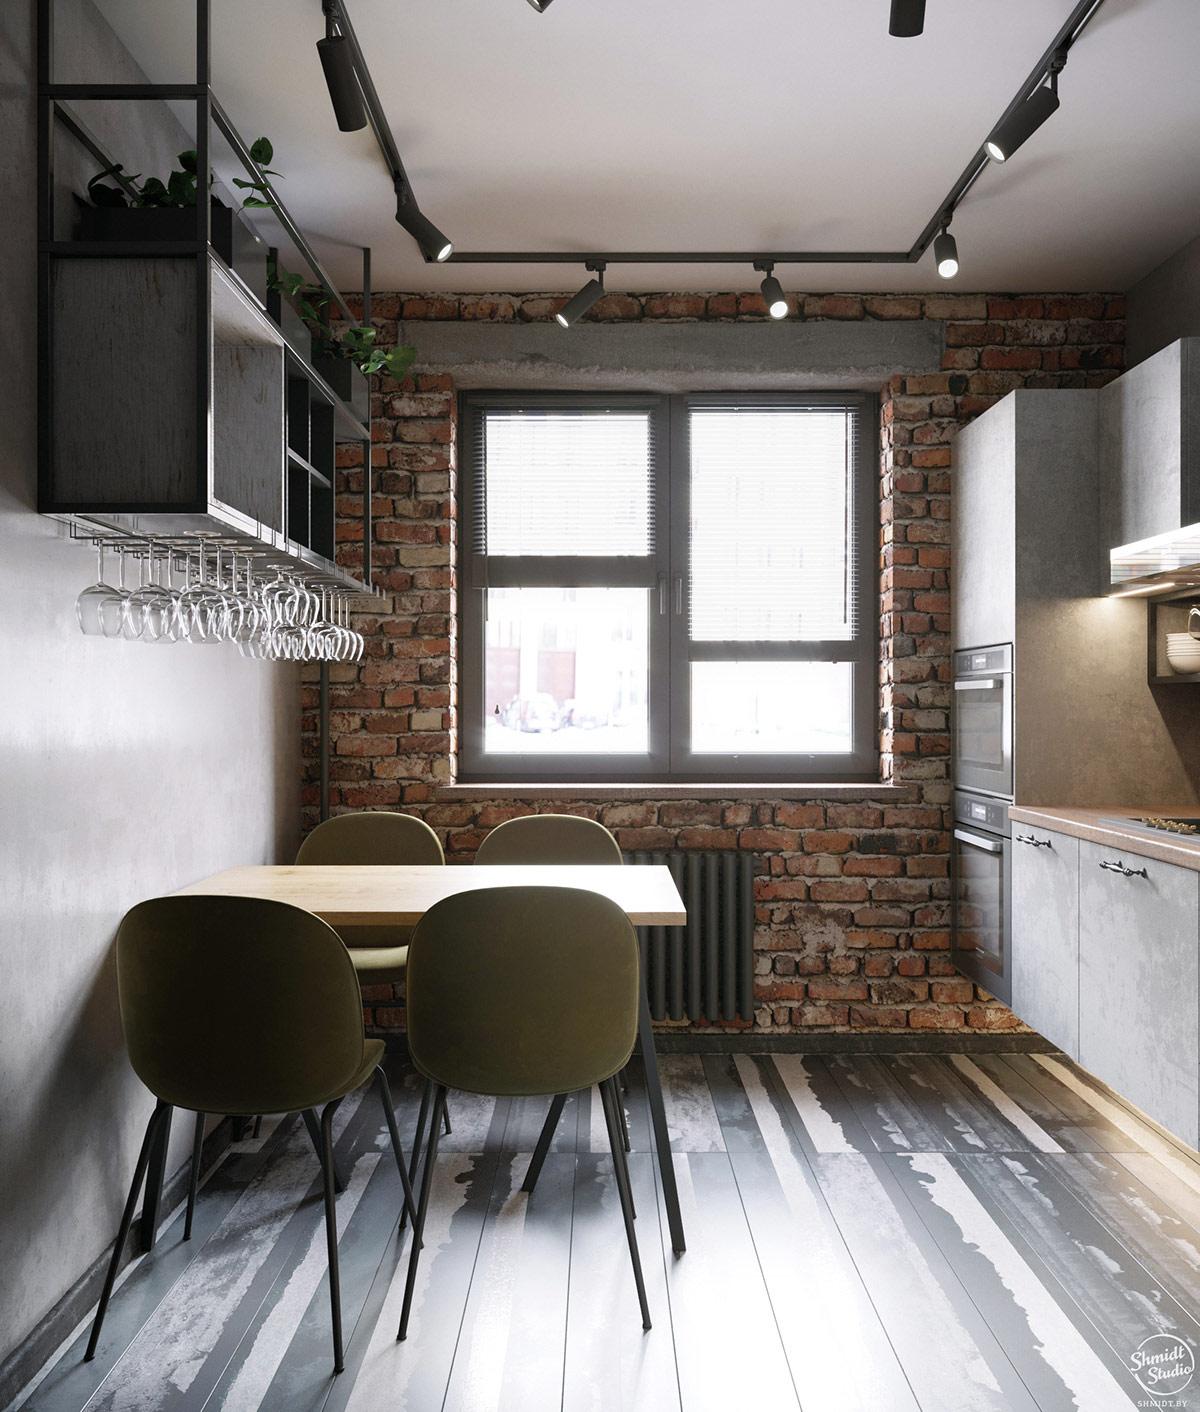 Rustic Industrial Interior Design Examples